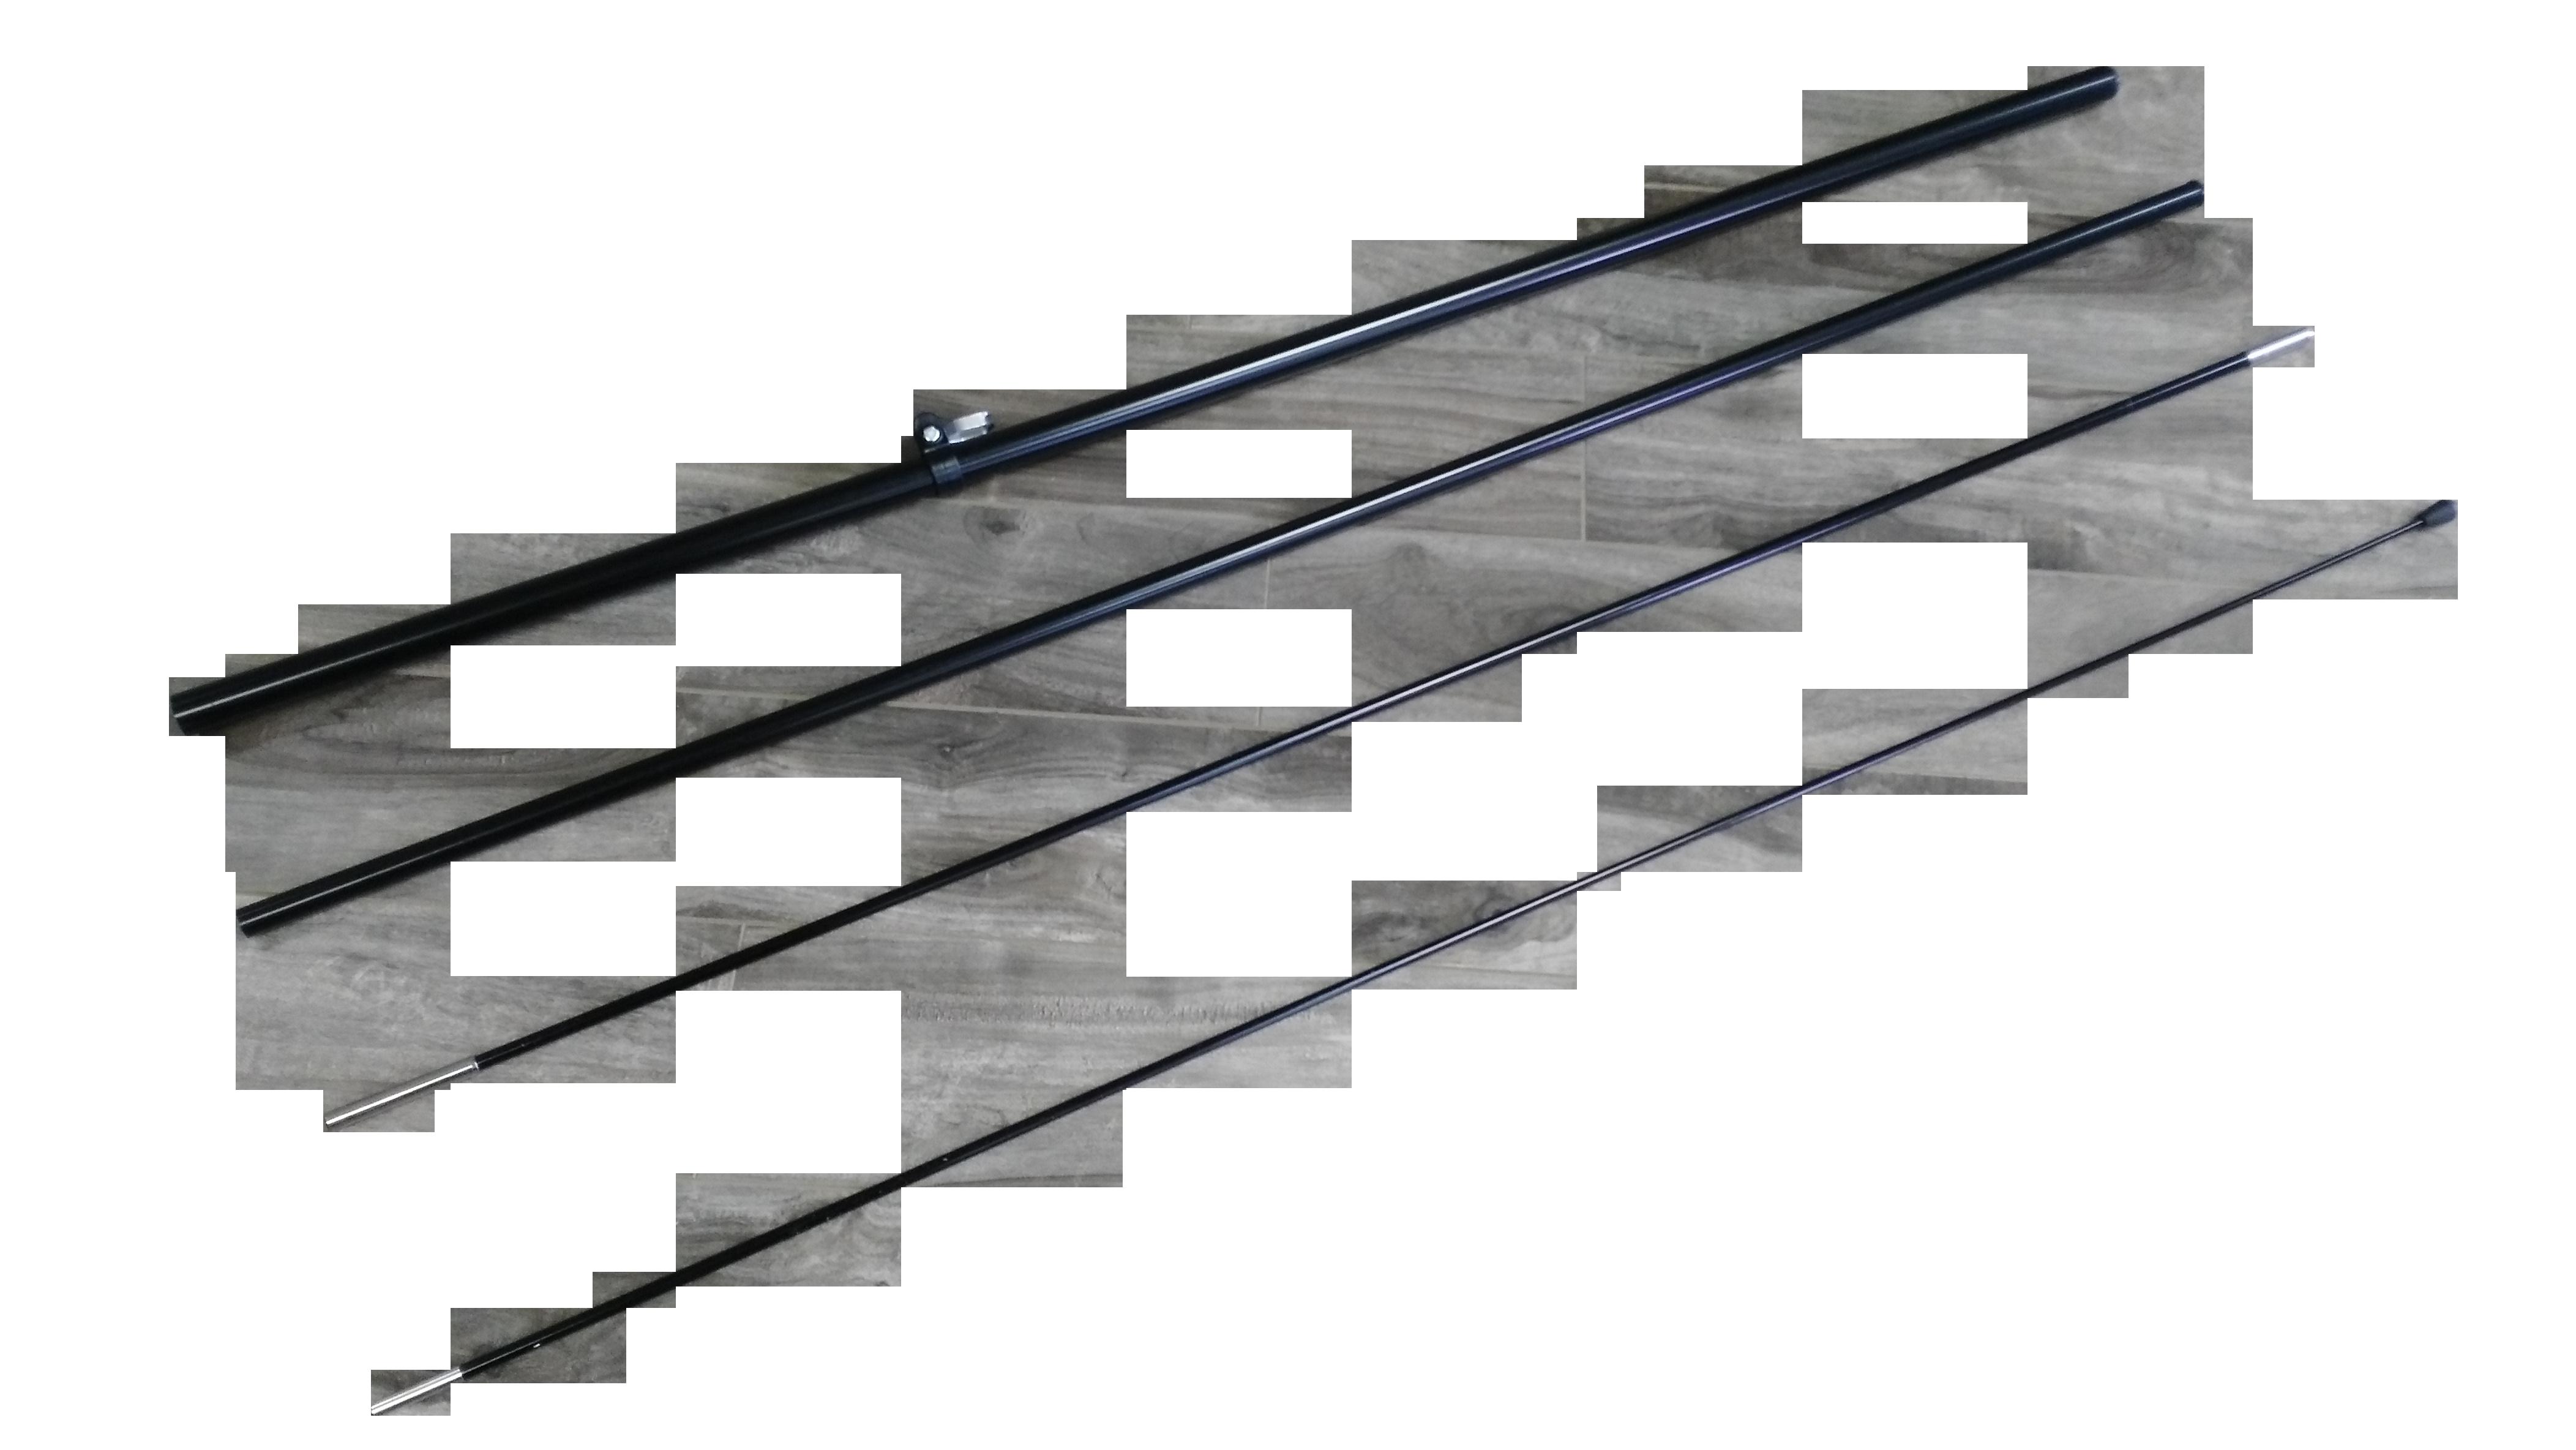 Flag Pole - Parts